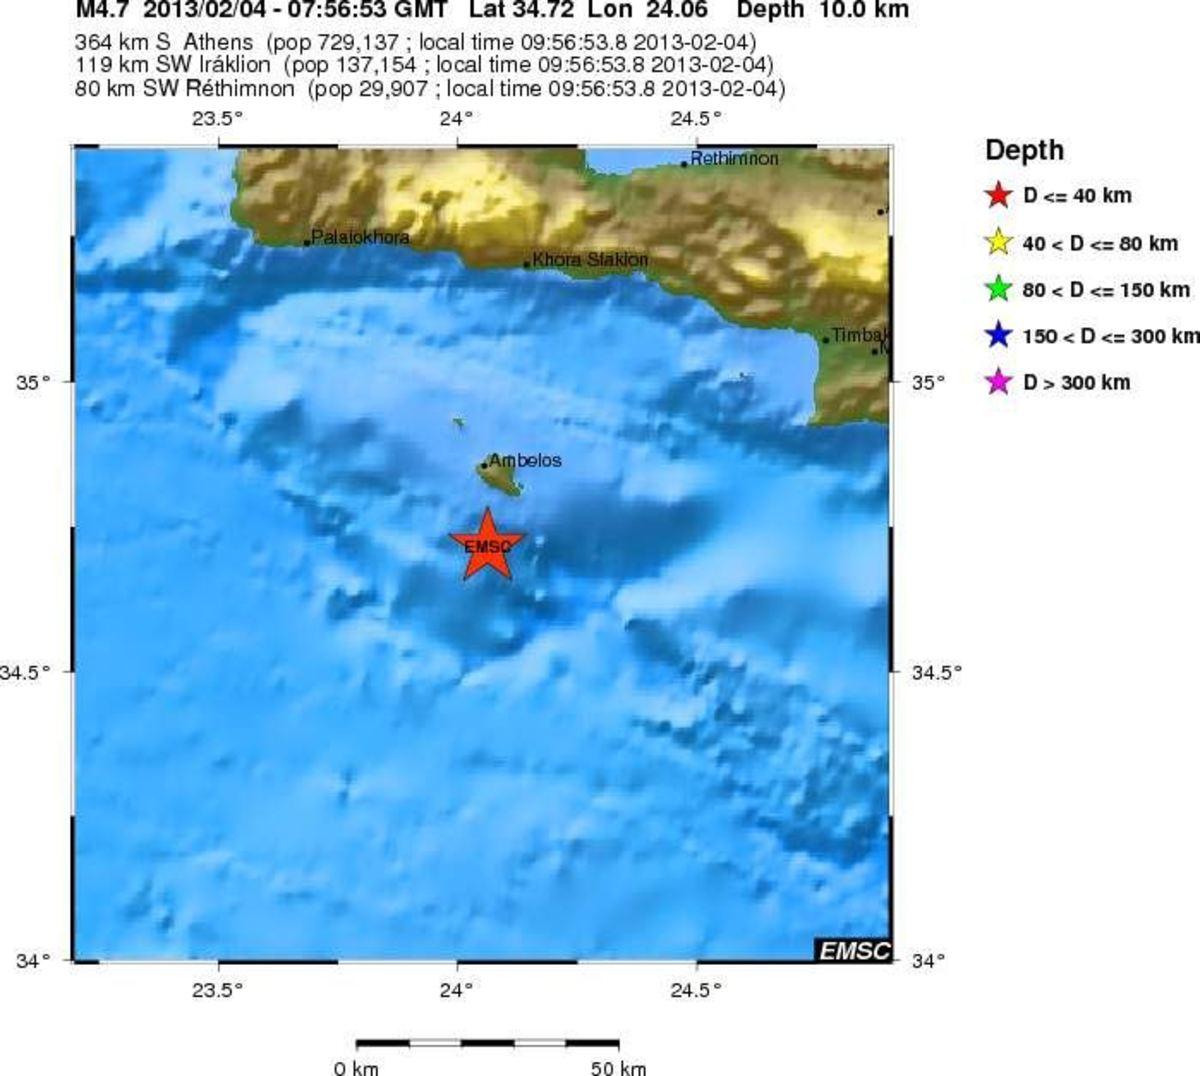 Γαύδος: Σεισμός 4,6 Ρίχτερ τρόμαξε τους κατοίκους και ταρακούνησε την Κρήτη! | Newsit.gr